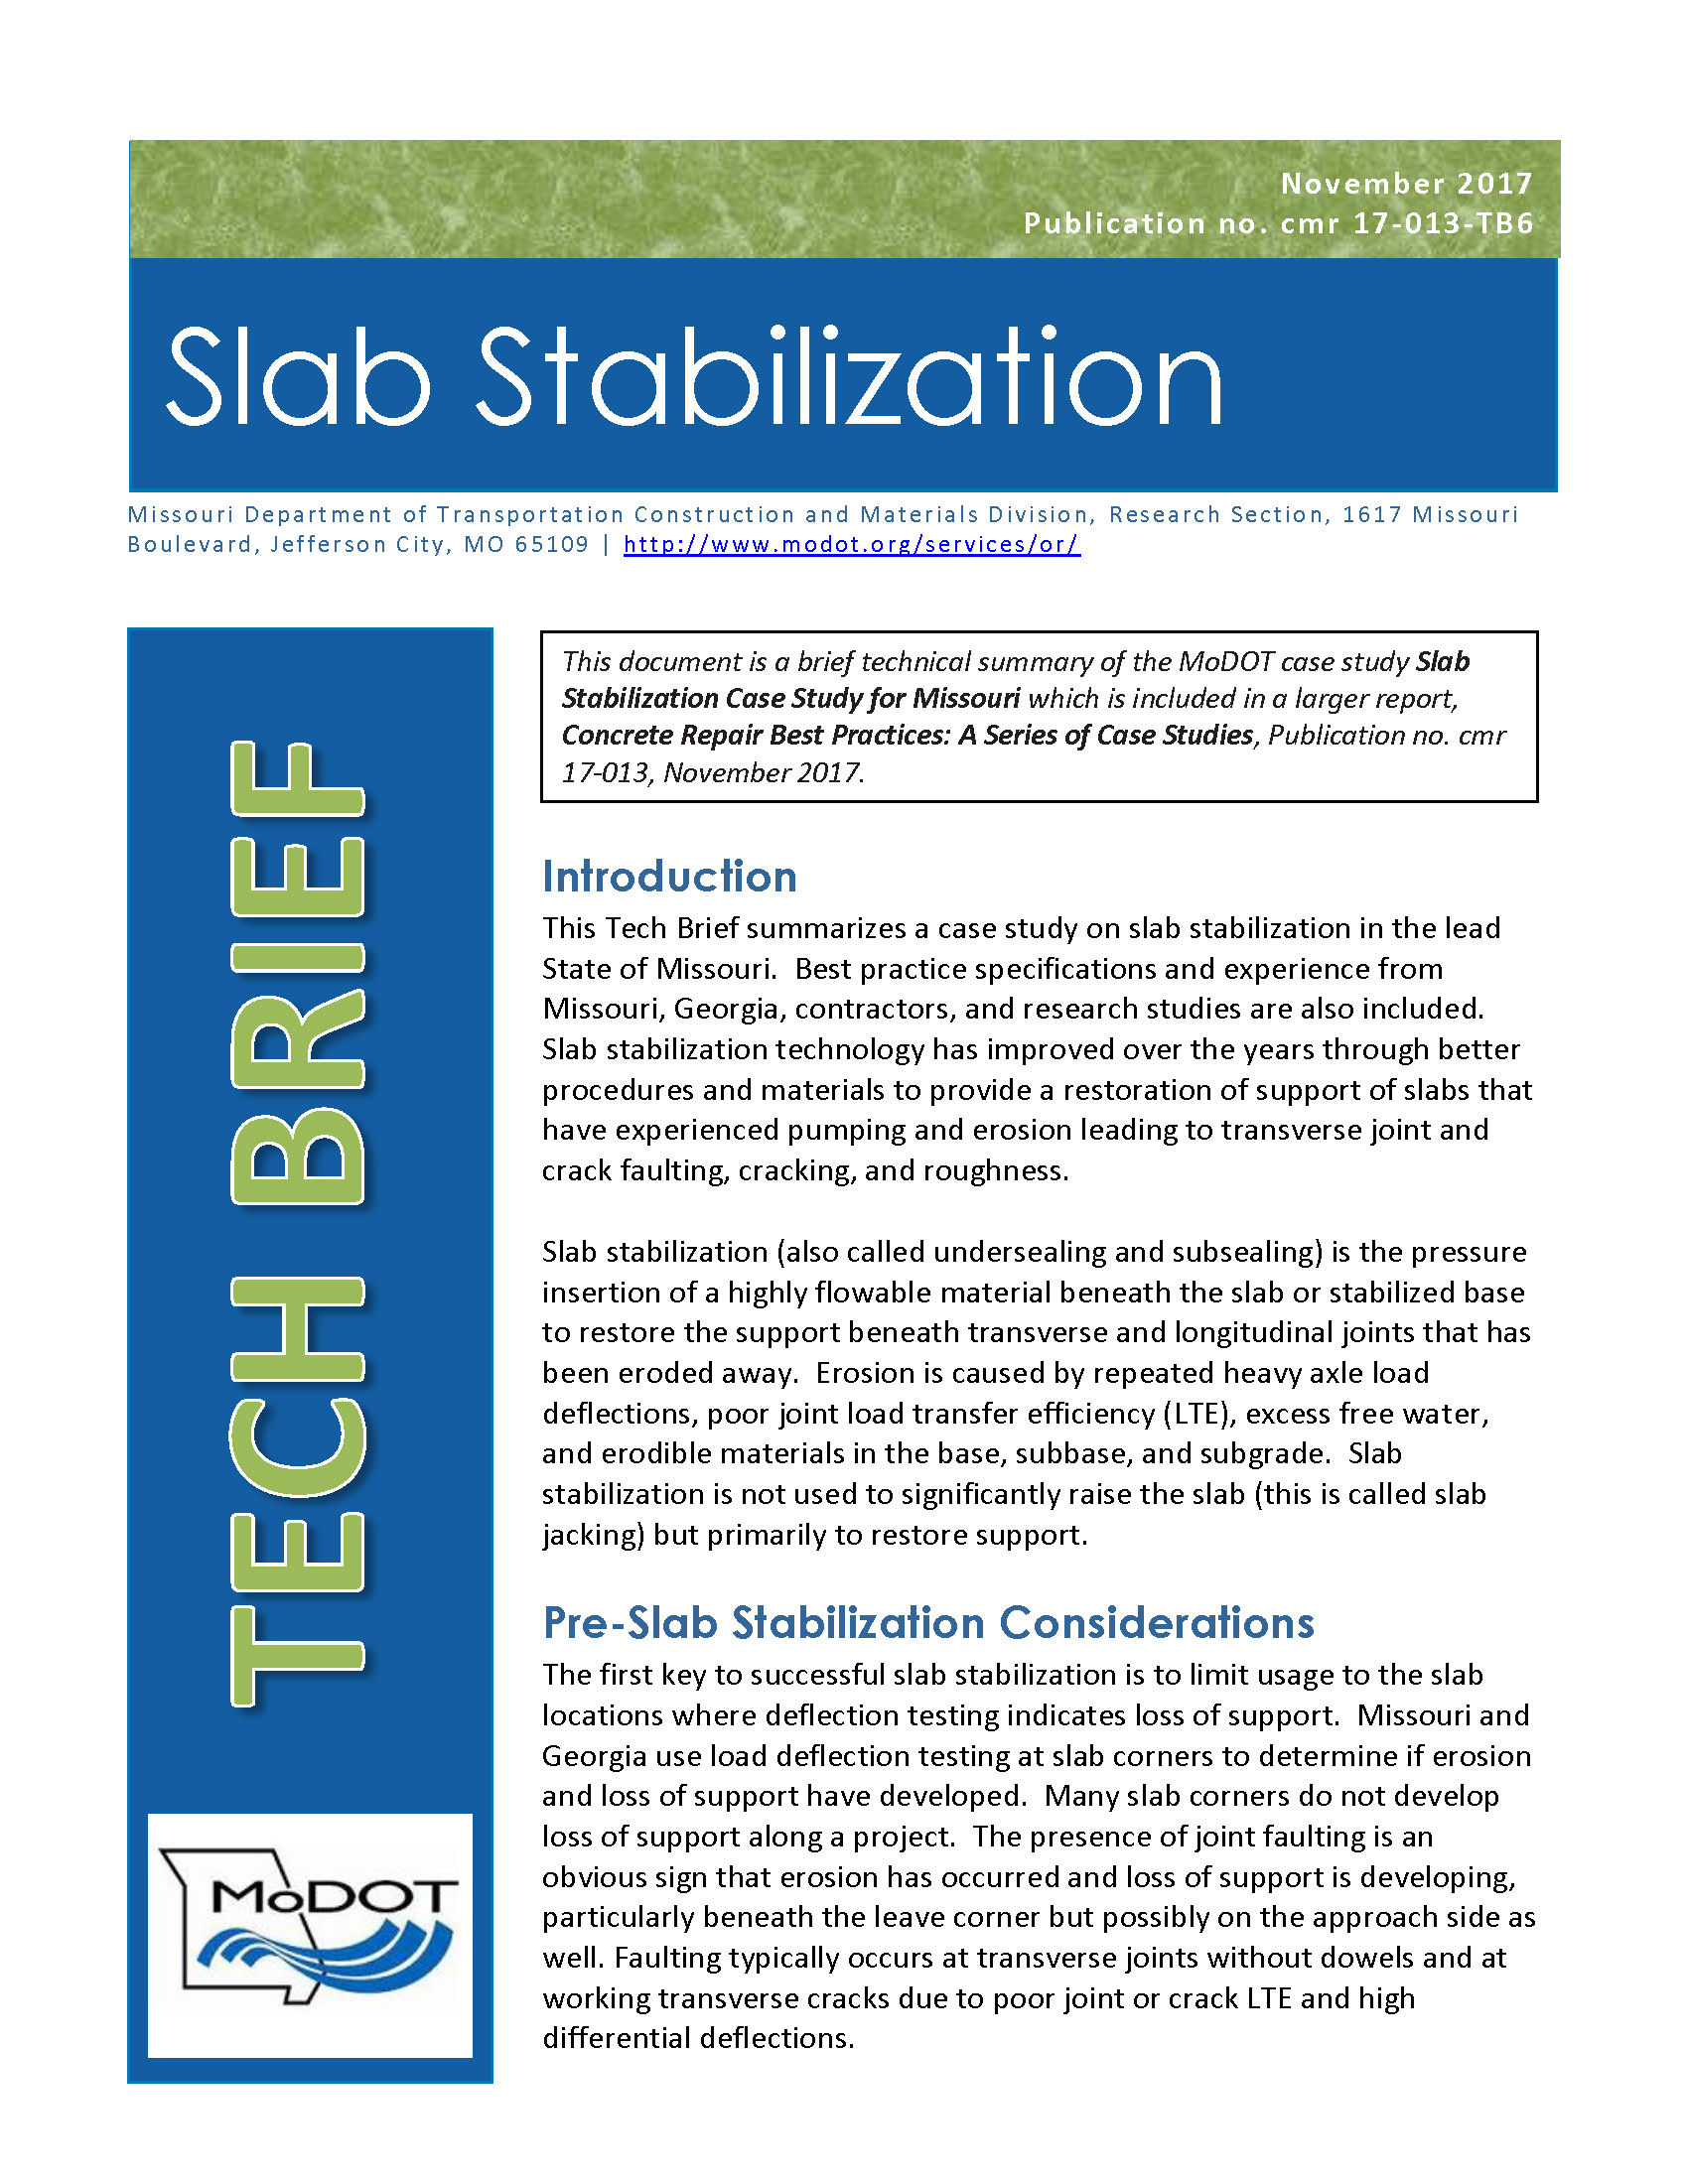 Slab Stabilization